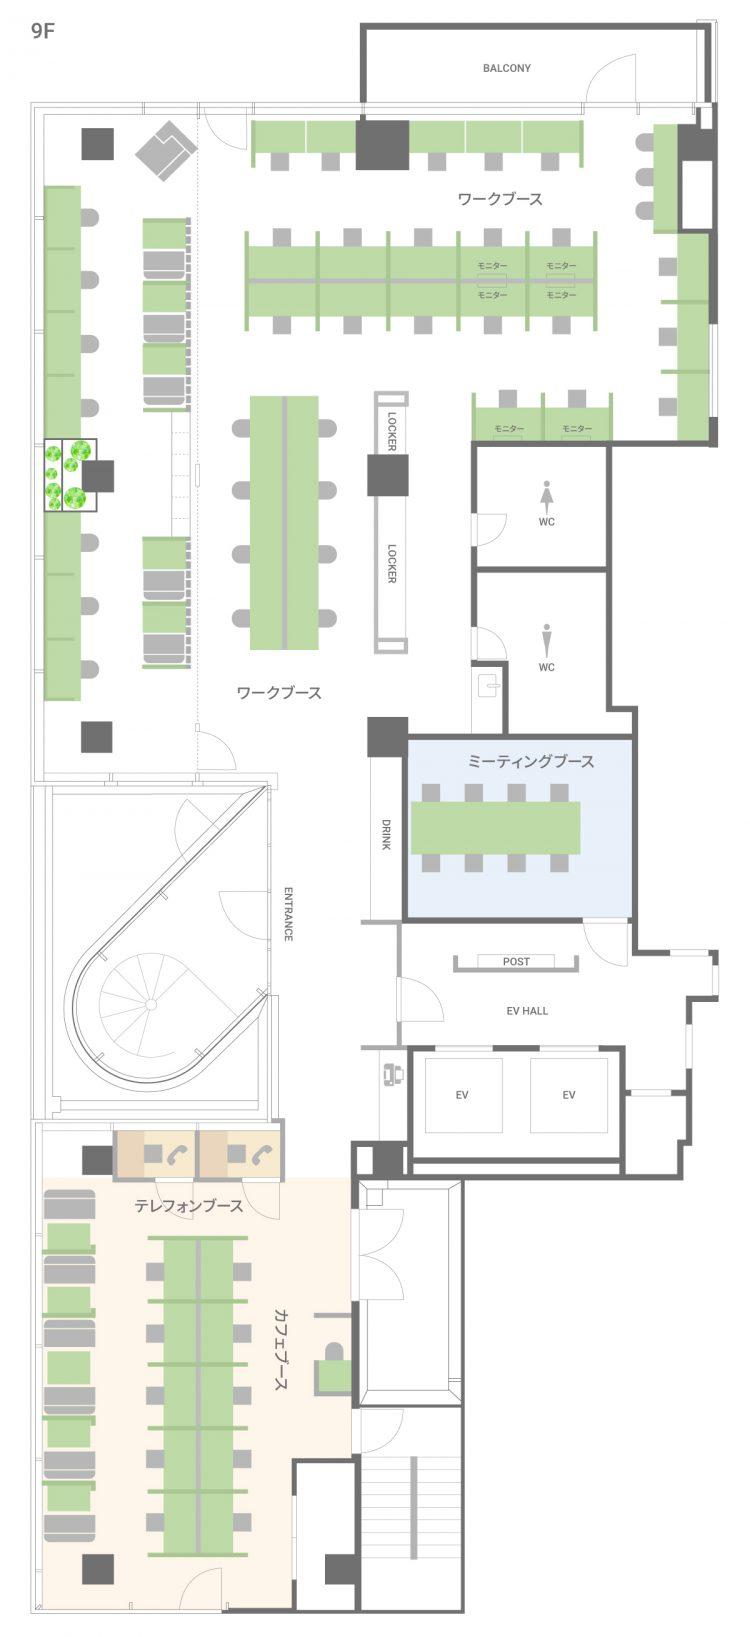 BIZcomfort三条木屋町【7月1日オープン】の9Fのフロアマップ